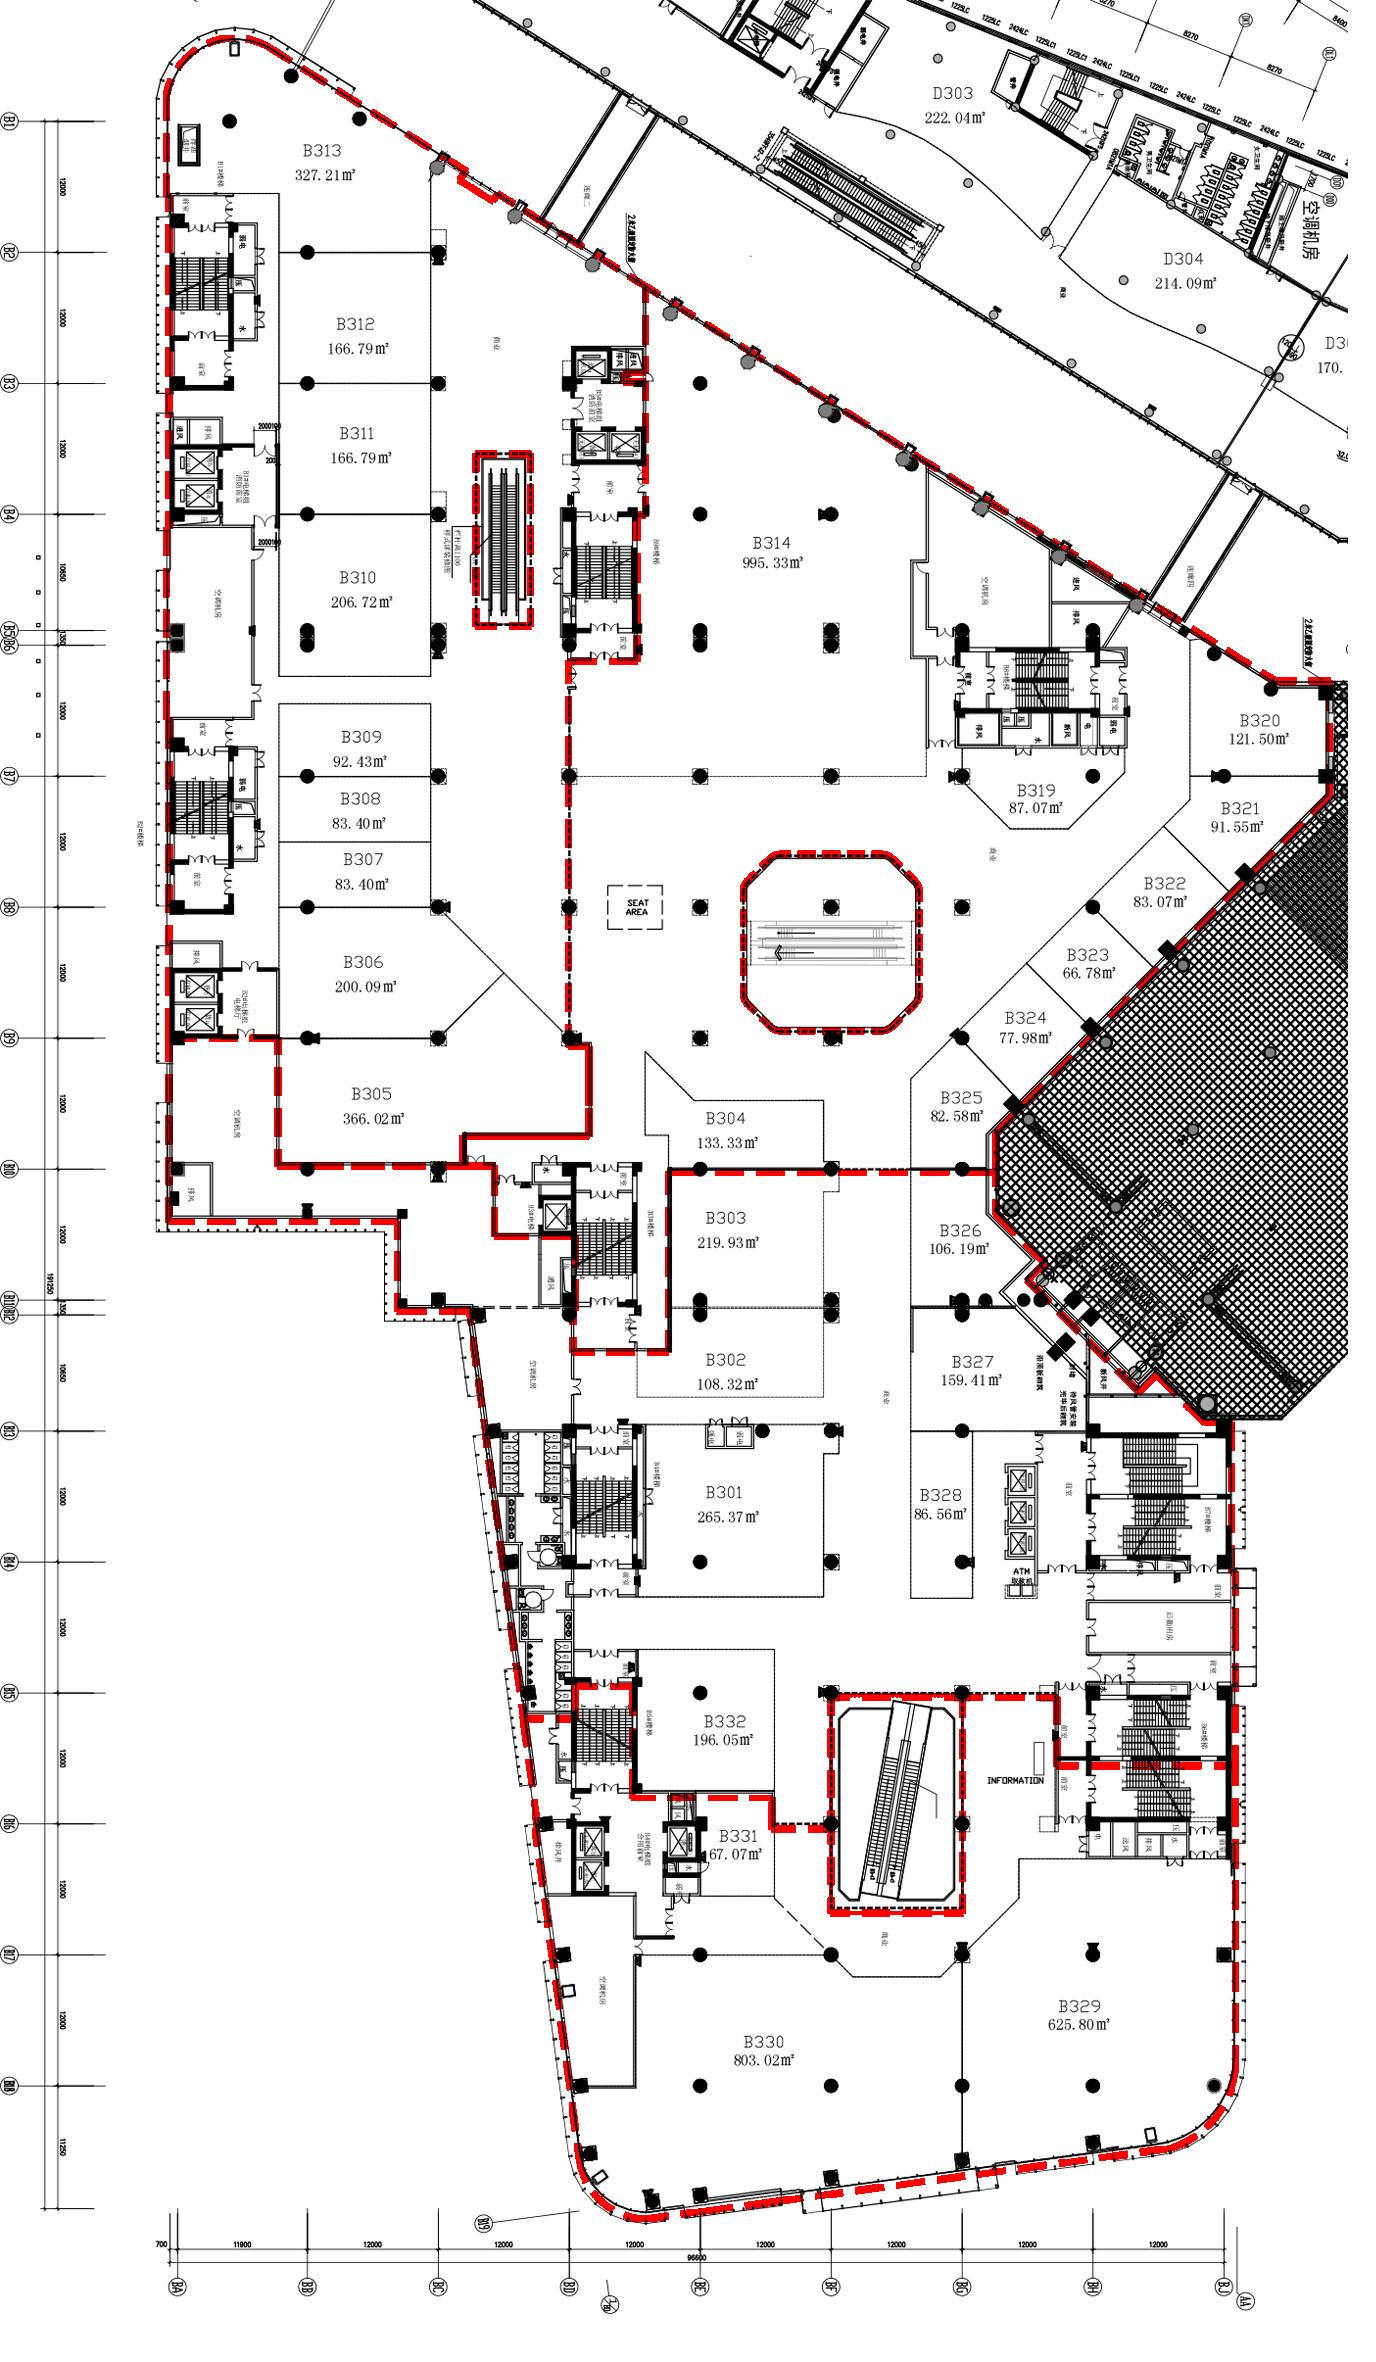 如为新建项目,建筑师在组织消防体系时还是有很多空间的,可以结合方案本身在设计初期就予以考虑。但目前商业建筑的发展日新月异,为了紧跟潮流,开发商也会对大型商业综合体内部进行大幅度的改造,重新组织空间和业态,消防系统也必然重新进行设计。这时候,限制条件就非常多了,建筑的形态、甚至外立面都已成型,疏散楼梯都已固化,建筑师只能在现状条件下谨慎的重新建立消防体系,努力打造一个完美、且安全的空间。本文将结合一个改造项目的消防咨询谈一下消防优化设计的几点体会。